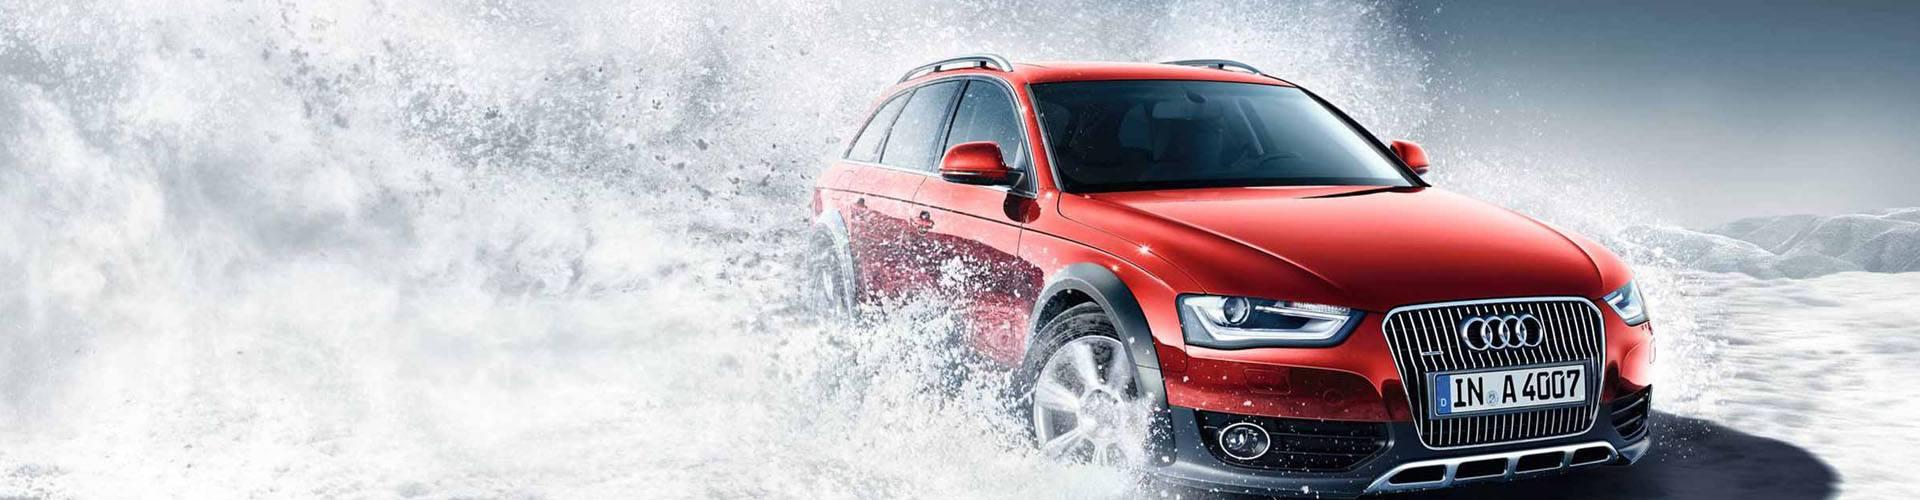 sneeuwkettingen voor de Audi A4